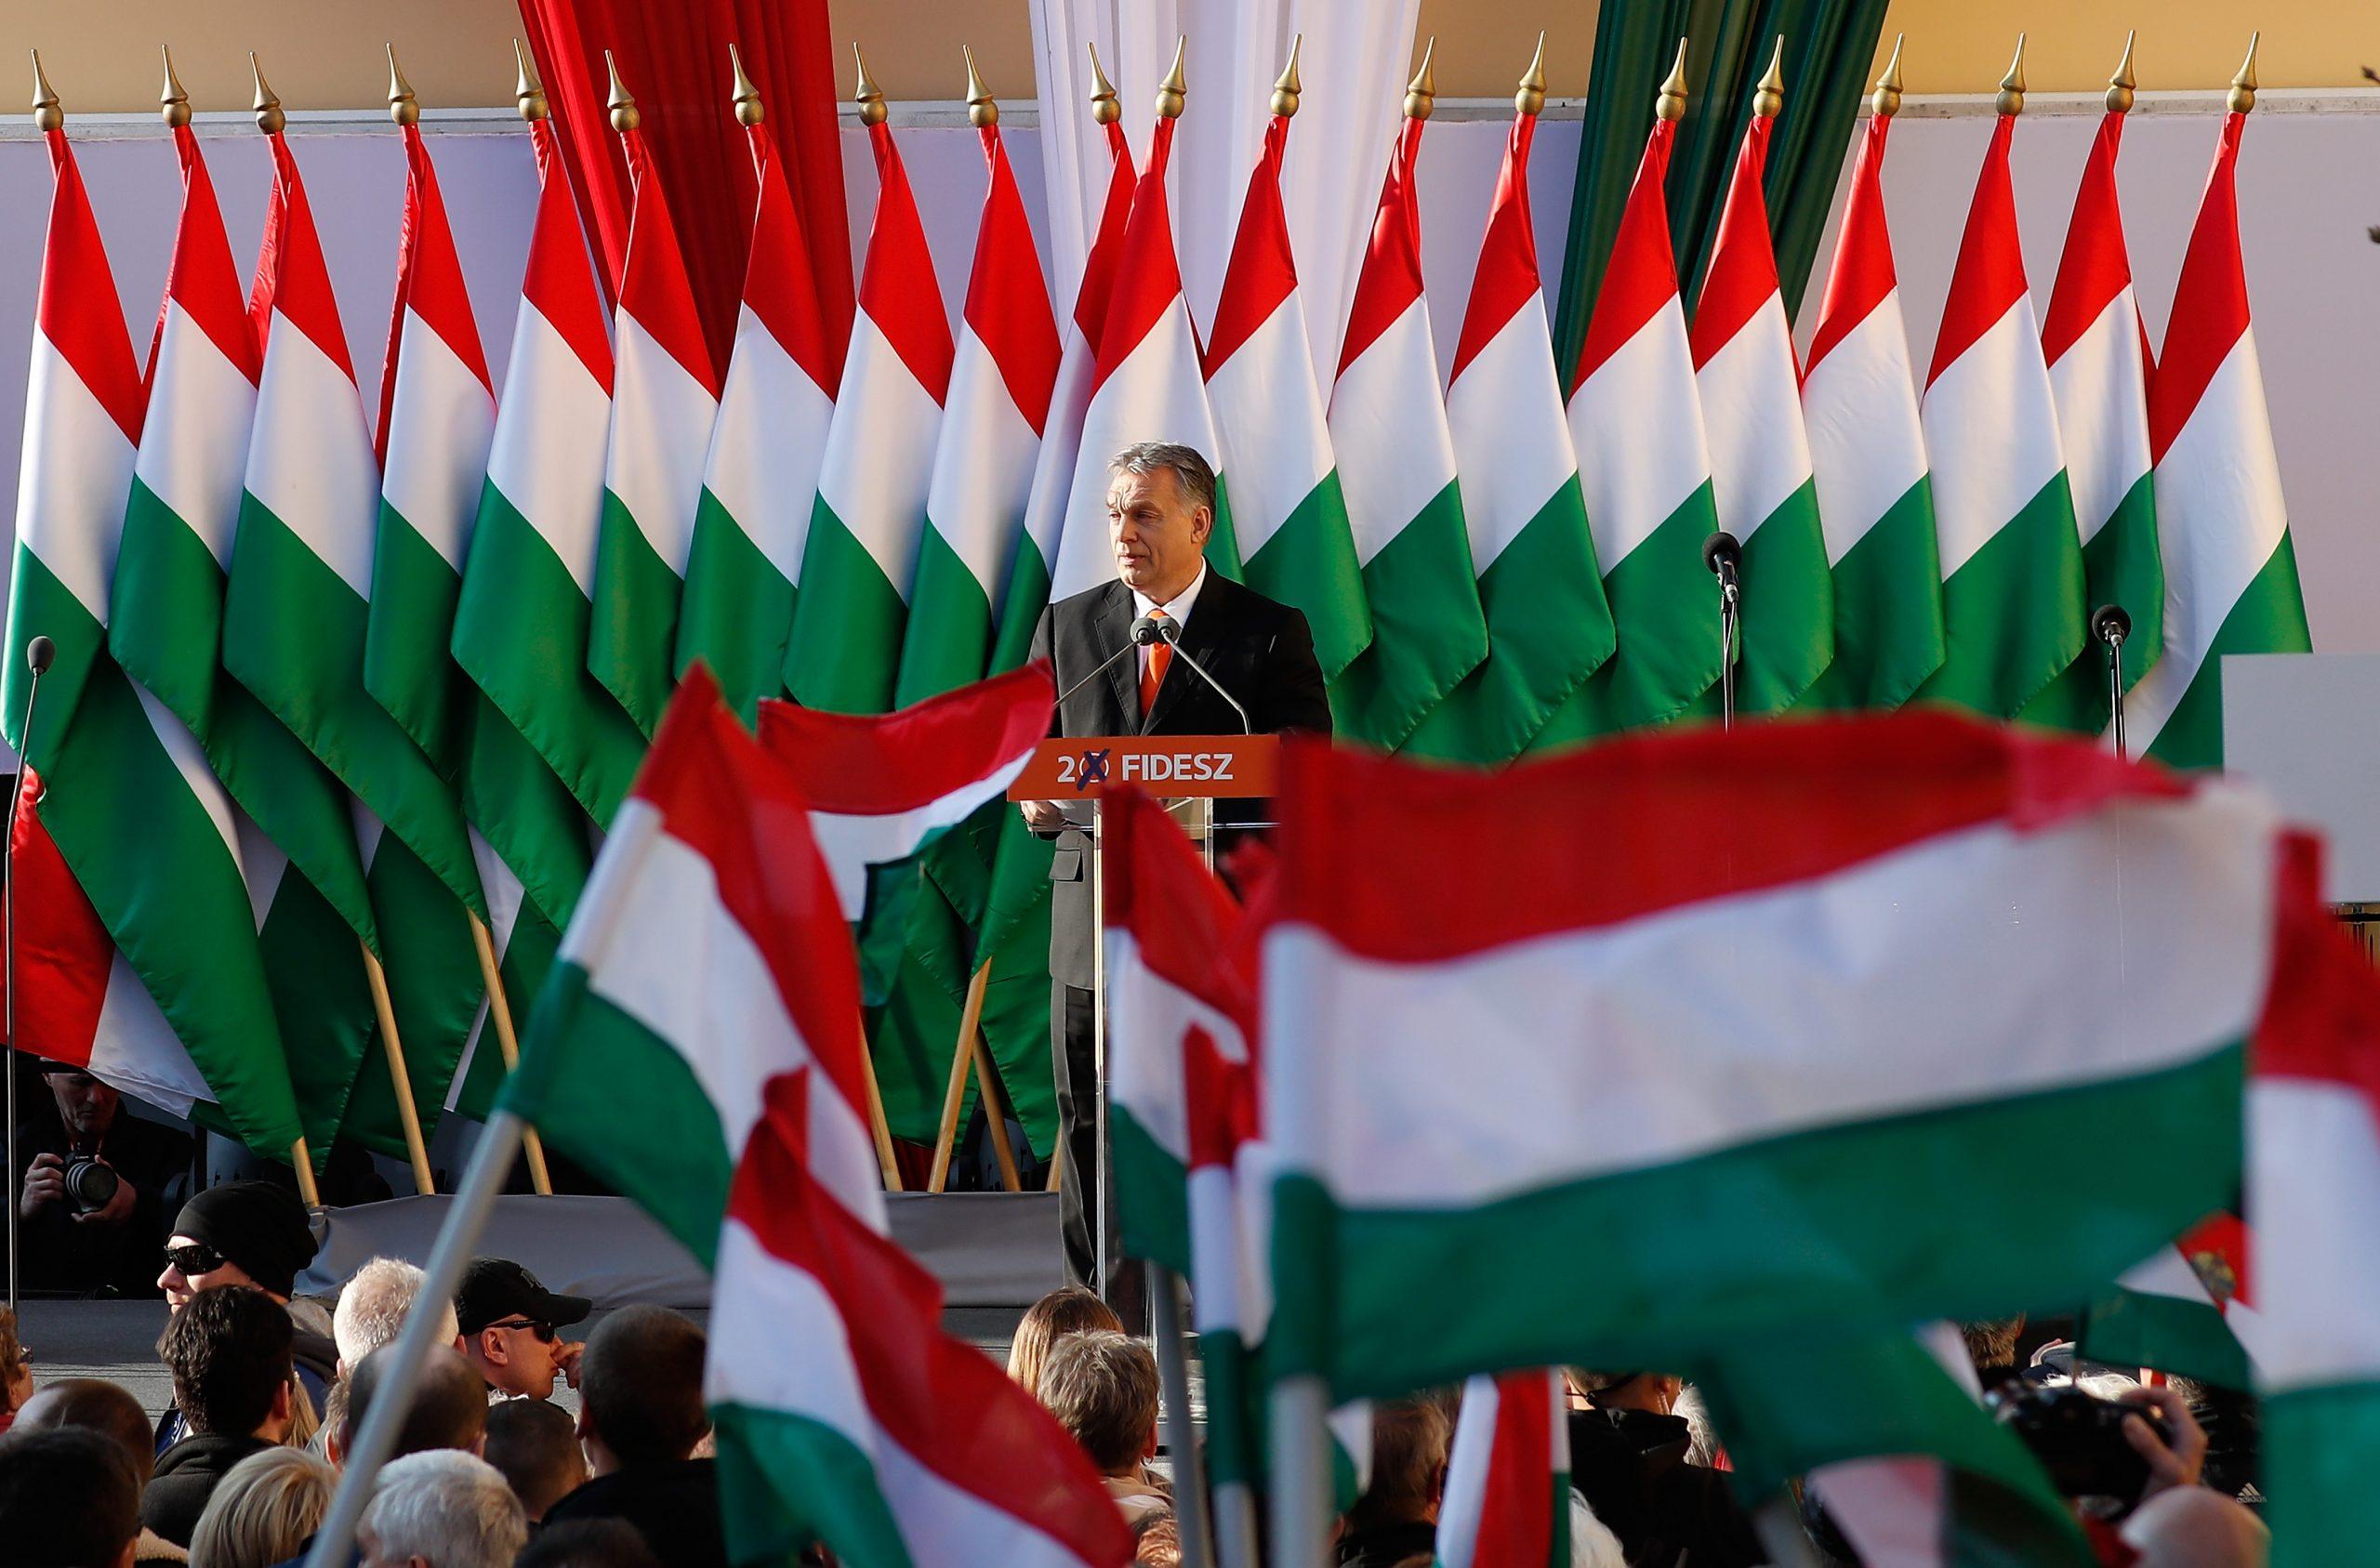 """Orban kritisiert EVP-Fraktion scharf: """"Wir werden sozialistischer und verteidigen unsere ursprünglichen Werte nicht"""""""